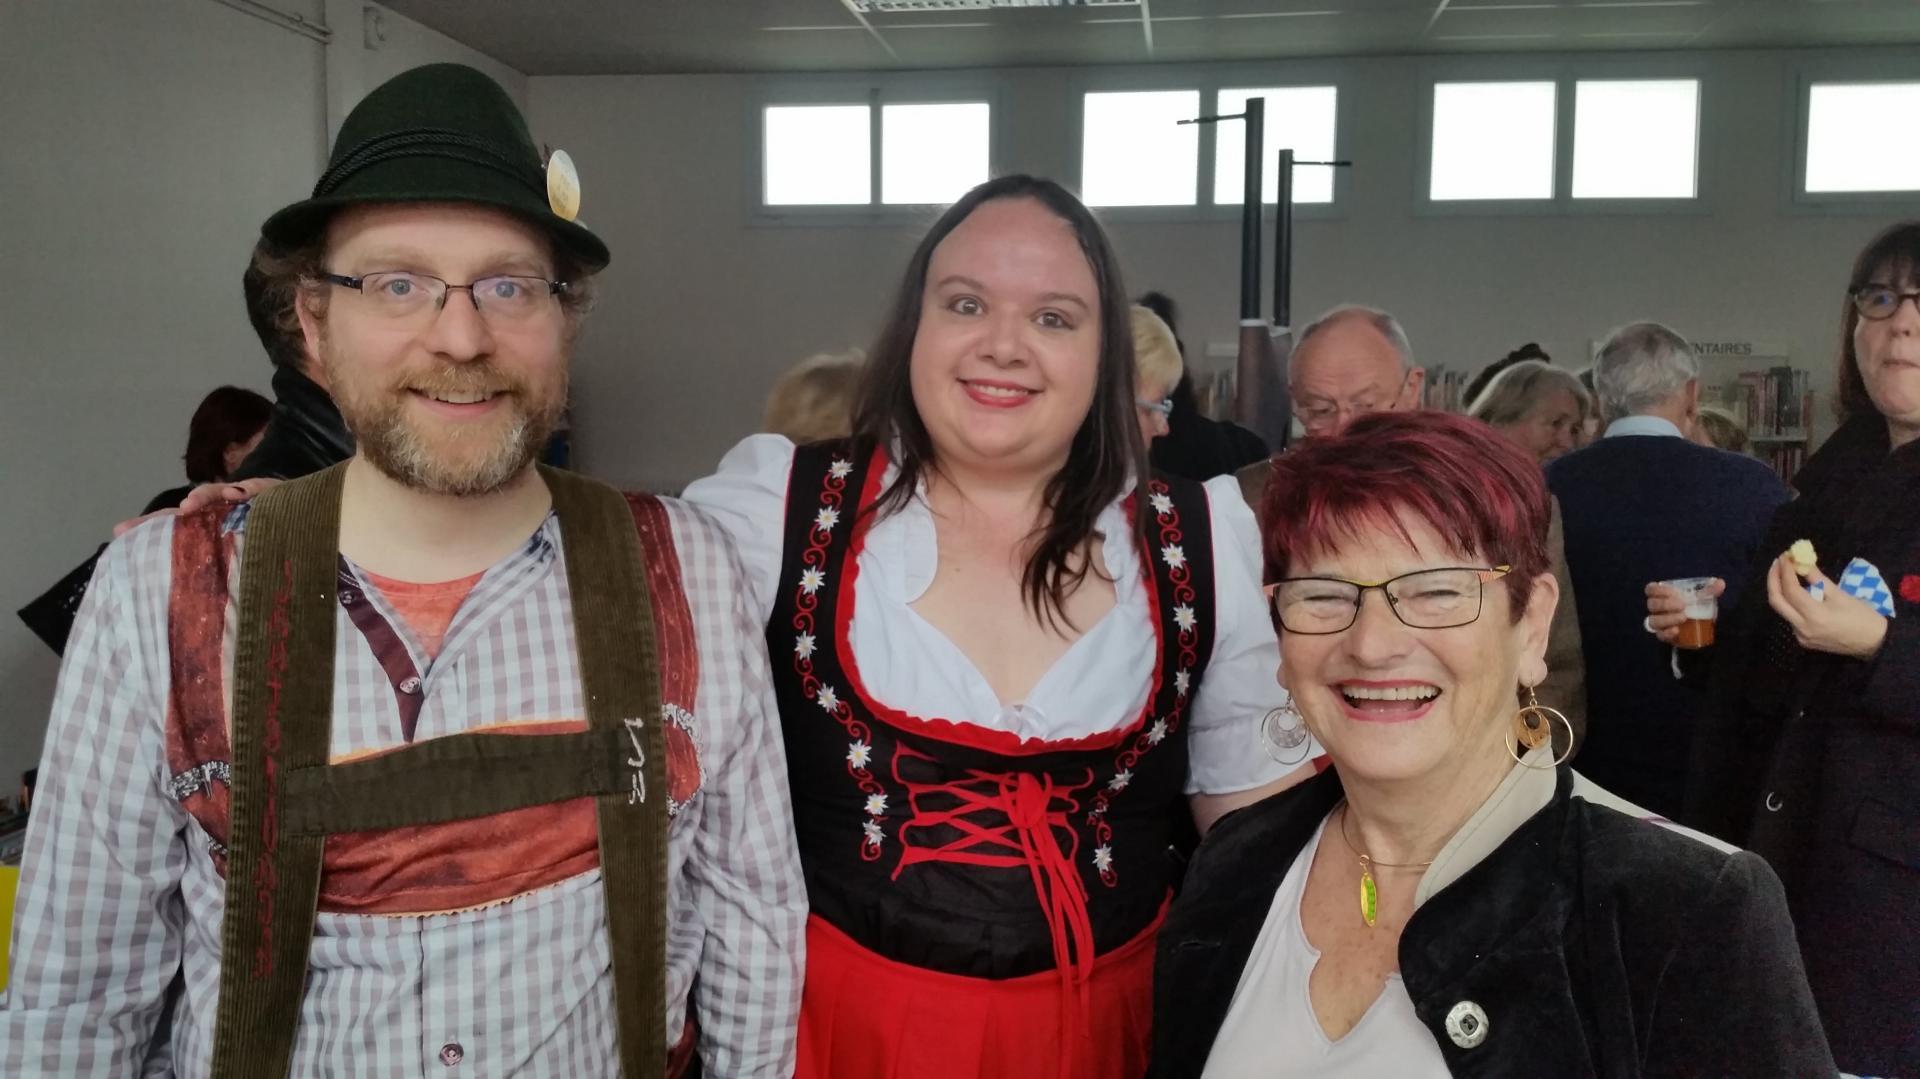 La conférencière, son mari bavarois et Michèle